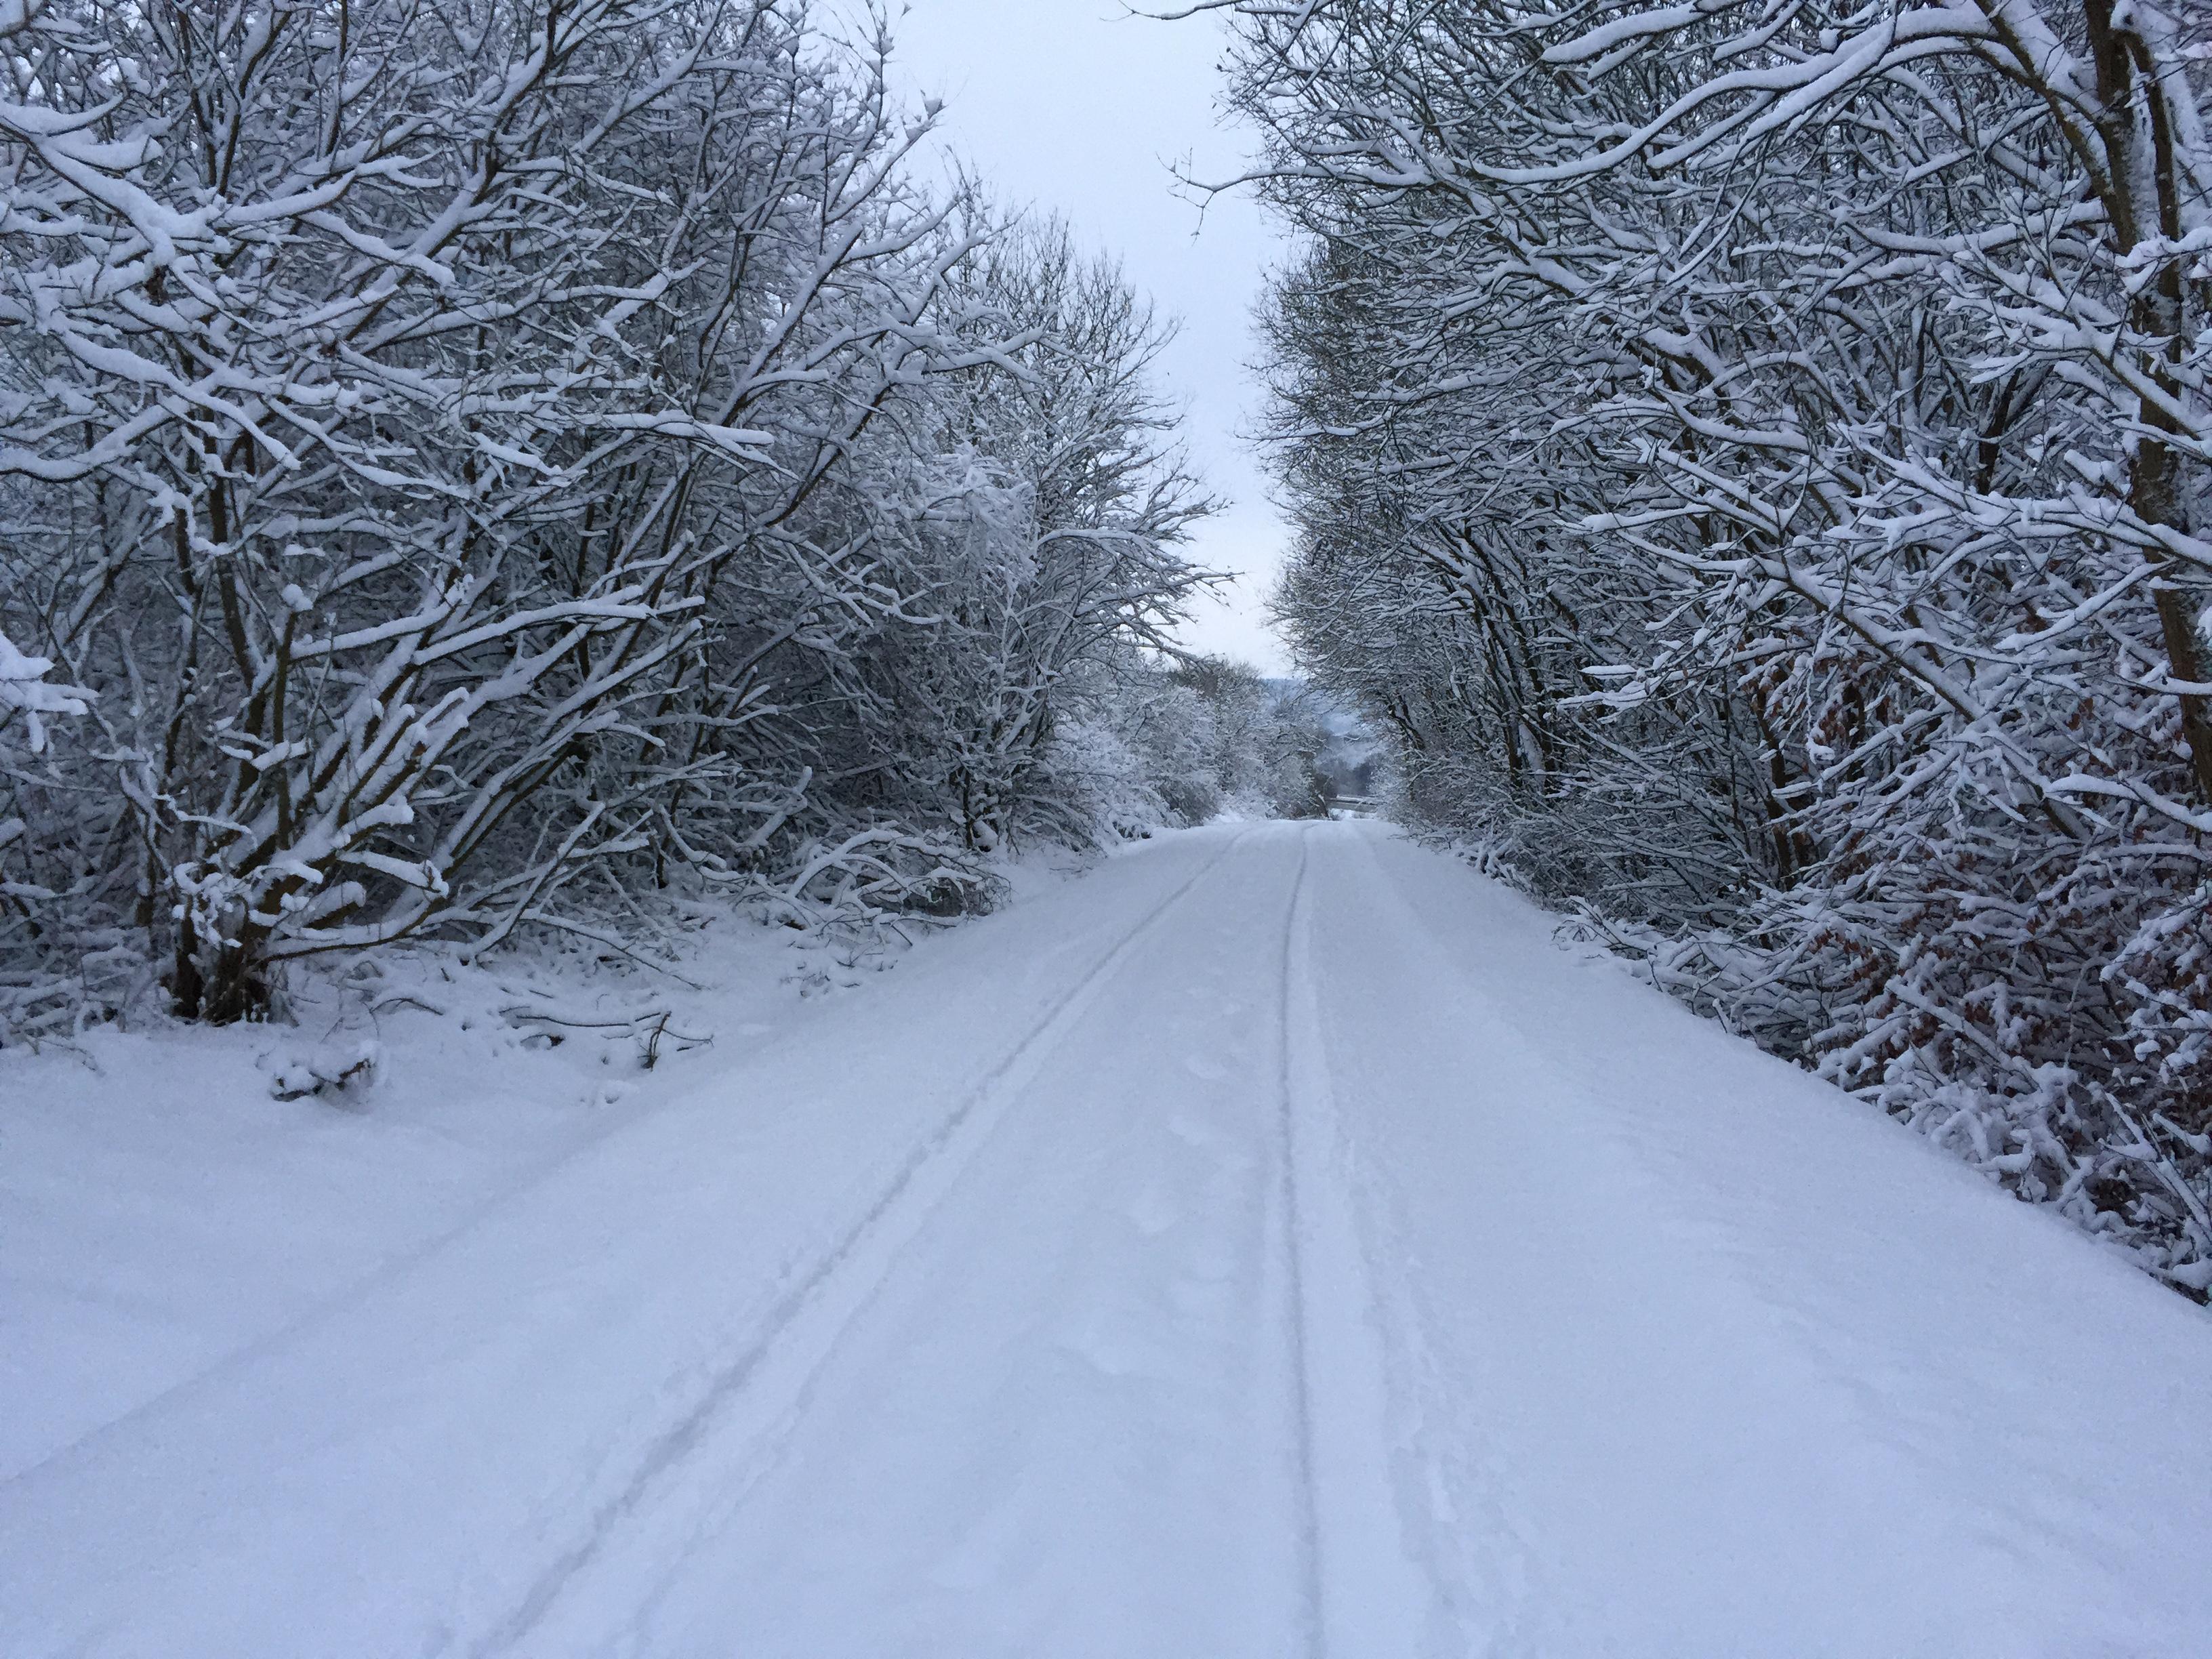 Straße im Gelände, es schneit weiter